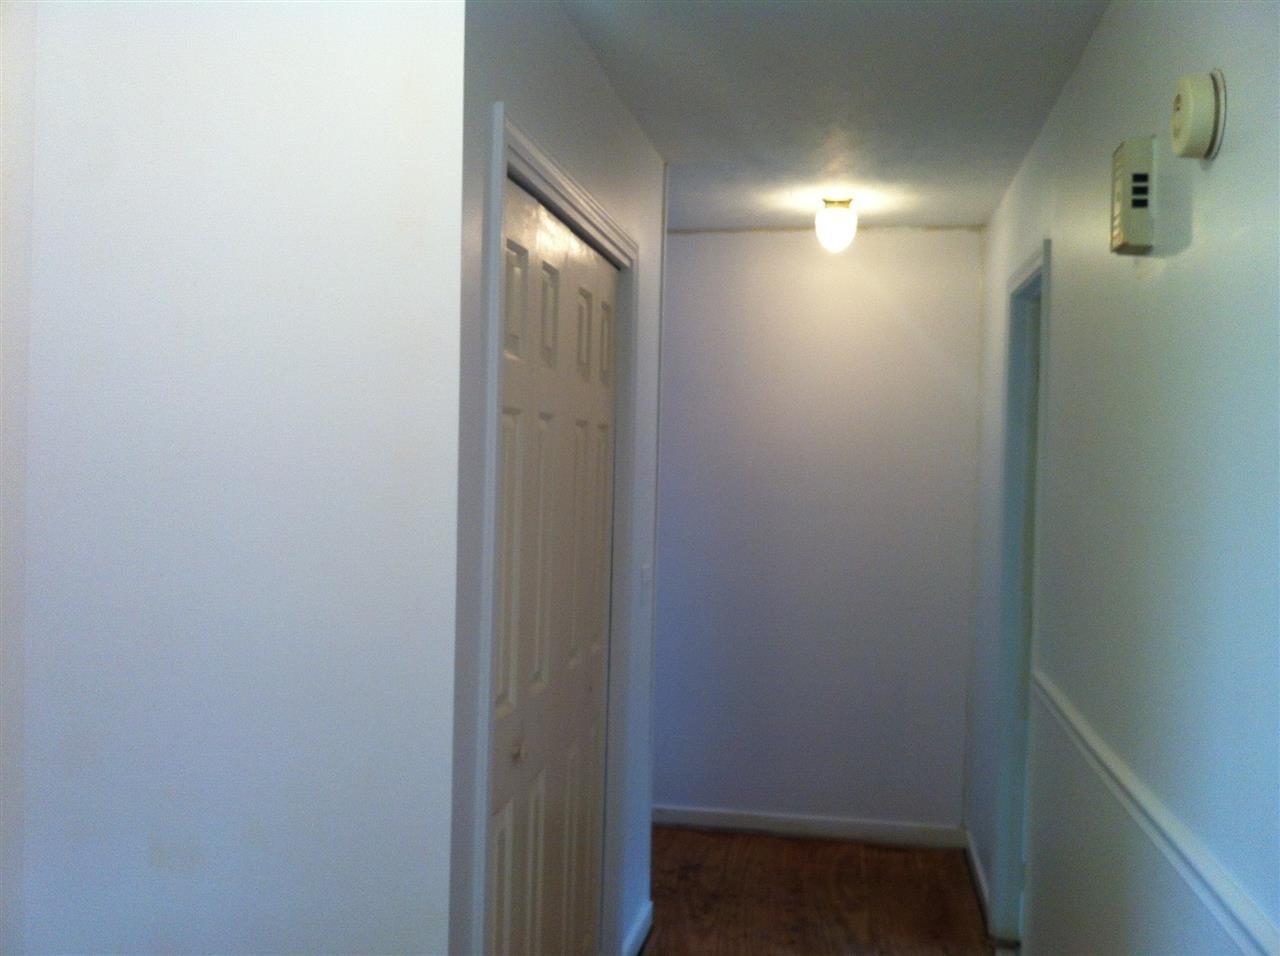 куплю недвижимость в сша